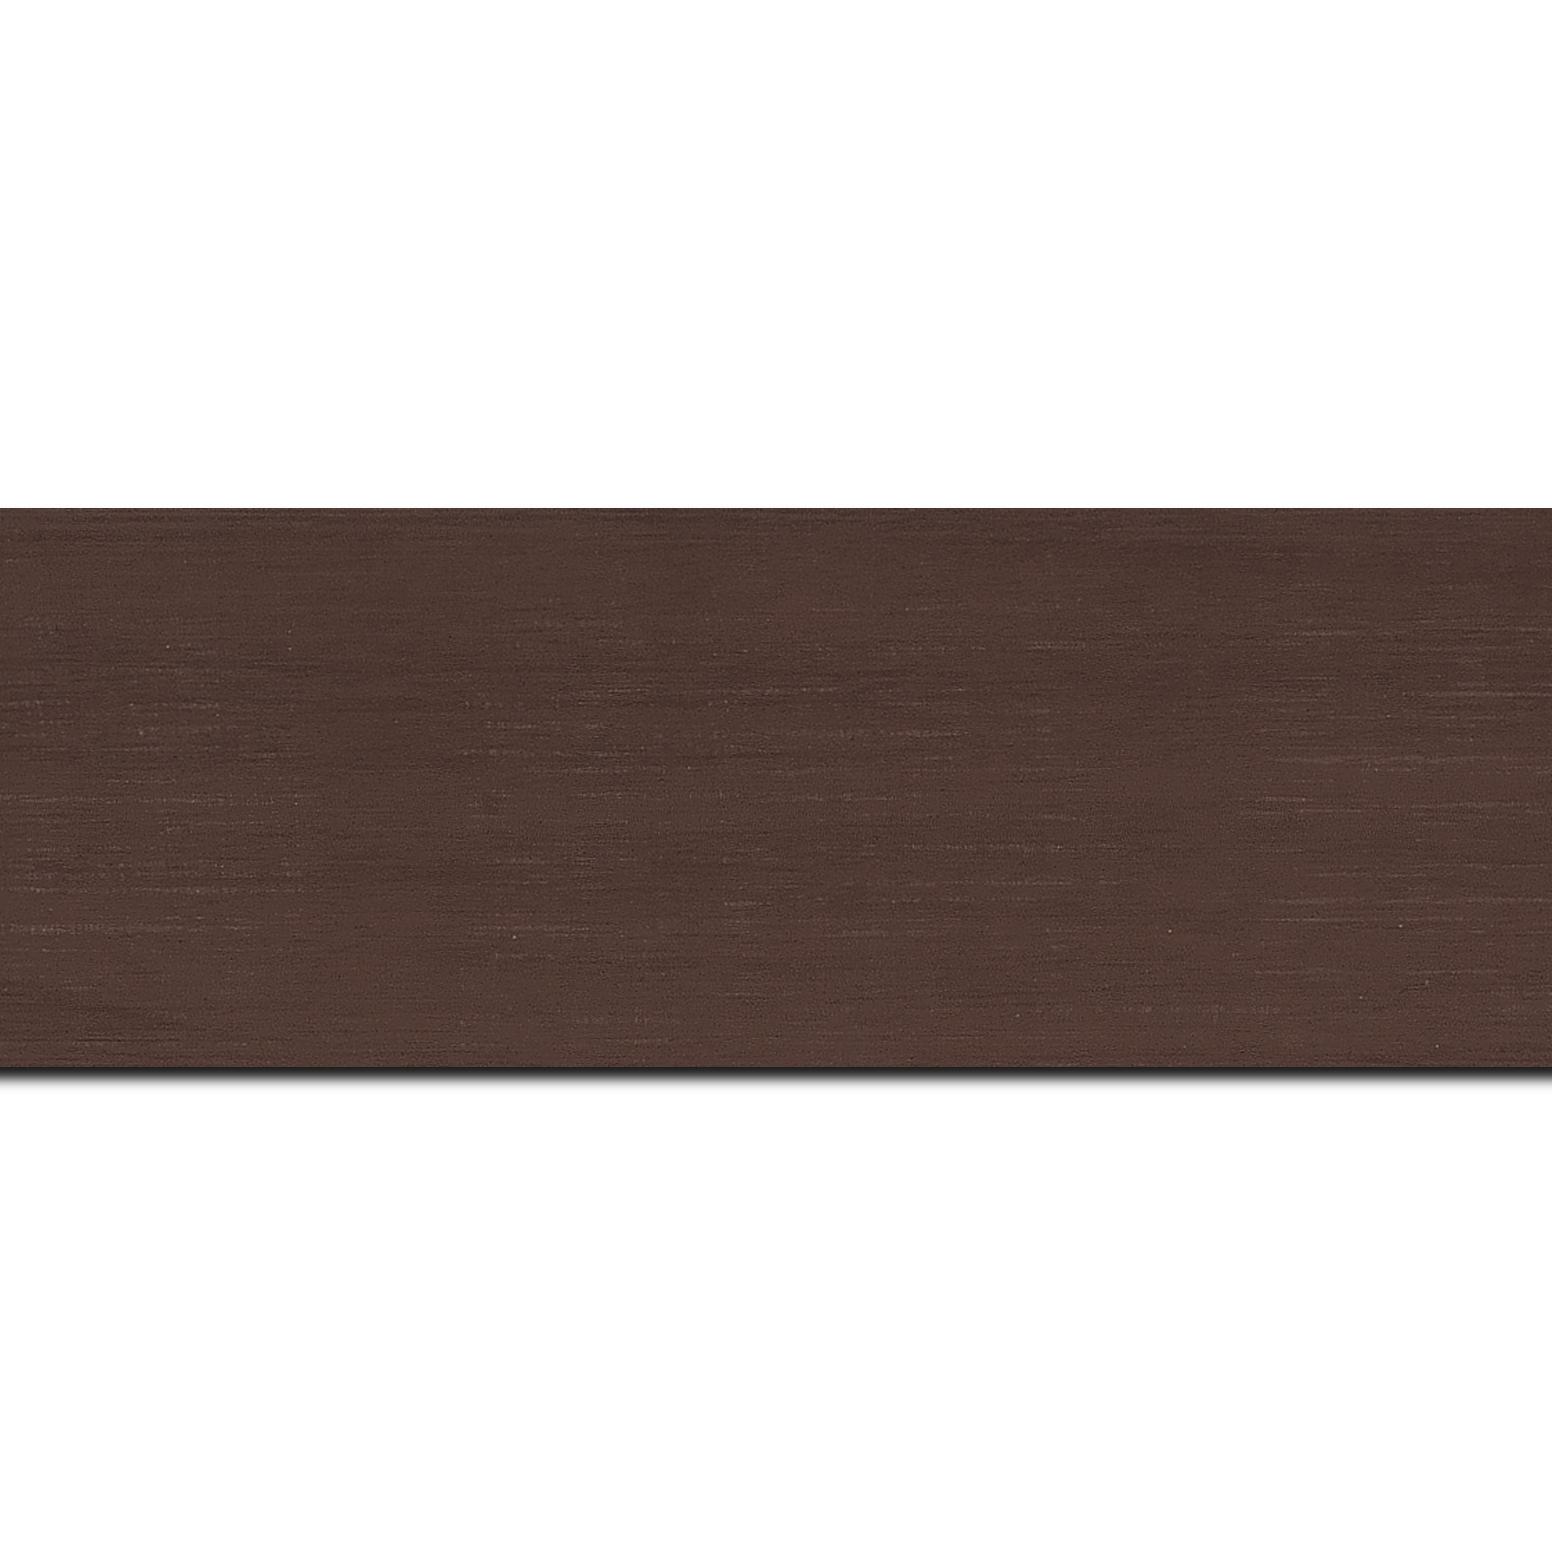 Baguette longueur 1.40m bois profil plat largeur 6cm chocolat satiné effet veiné ,chant extérieur du cadre de couleur noire